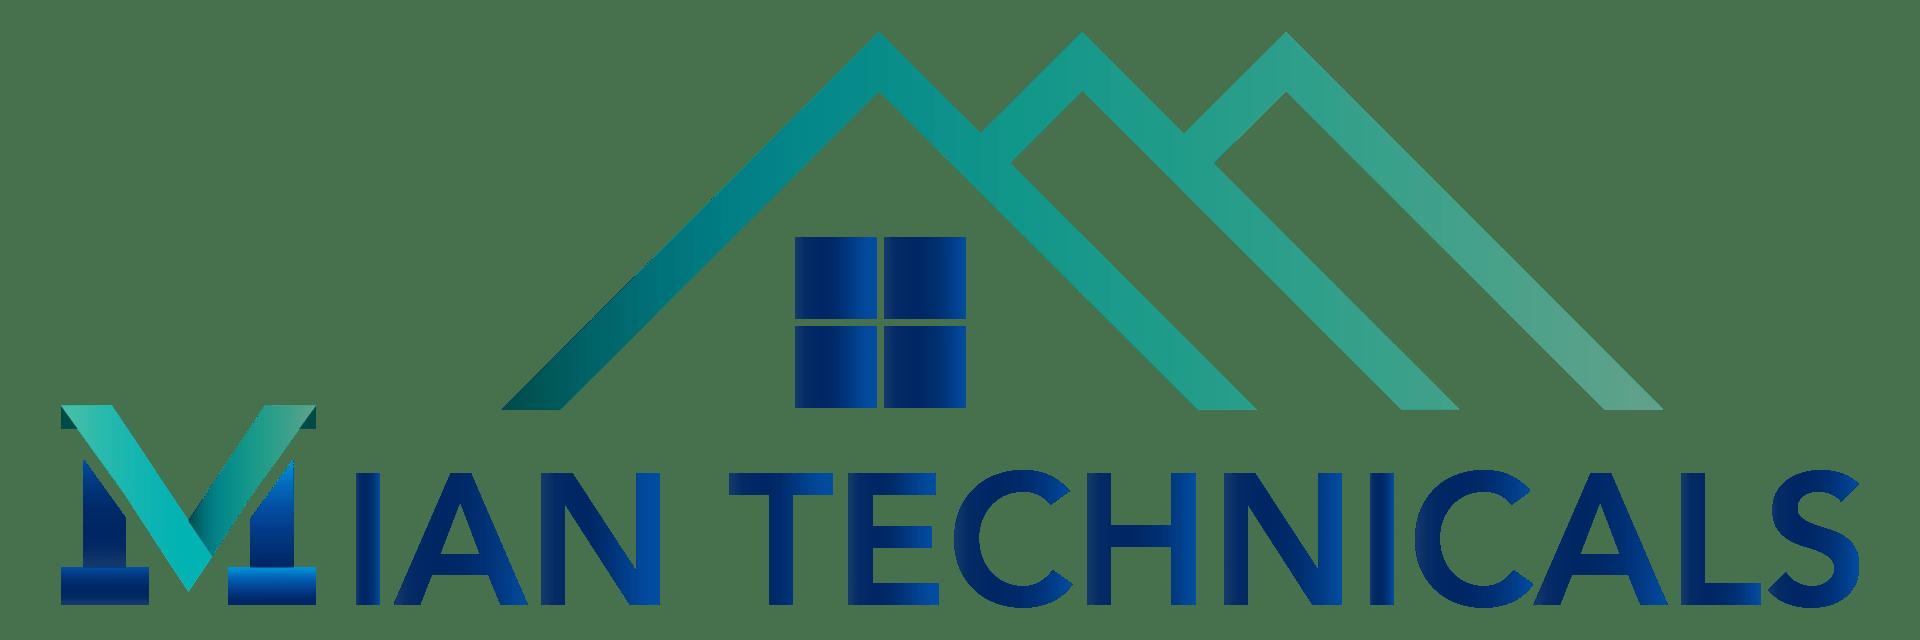 Mian Technicals